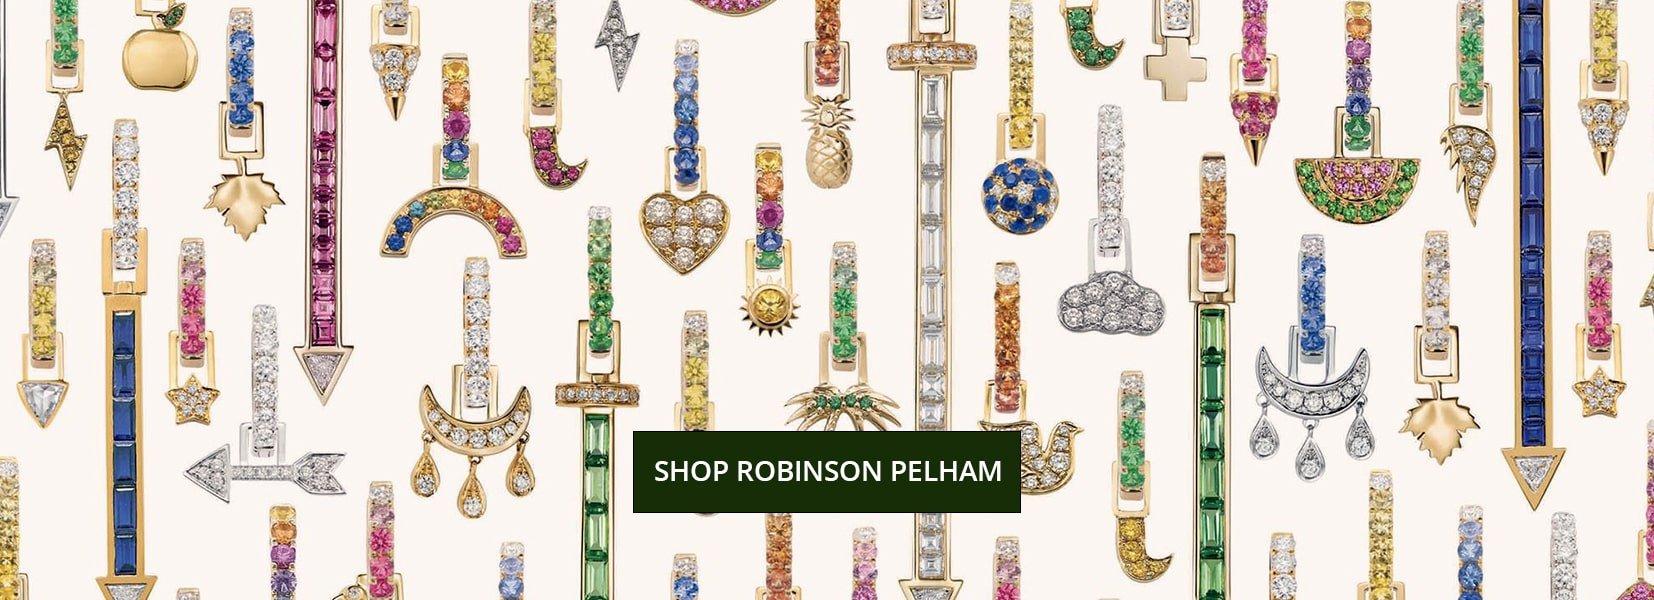 Shop Robinson Pelham